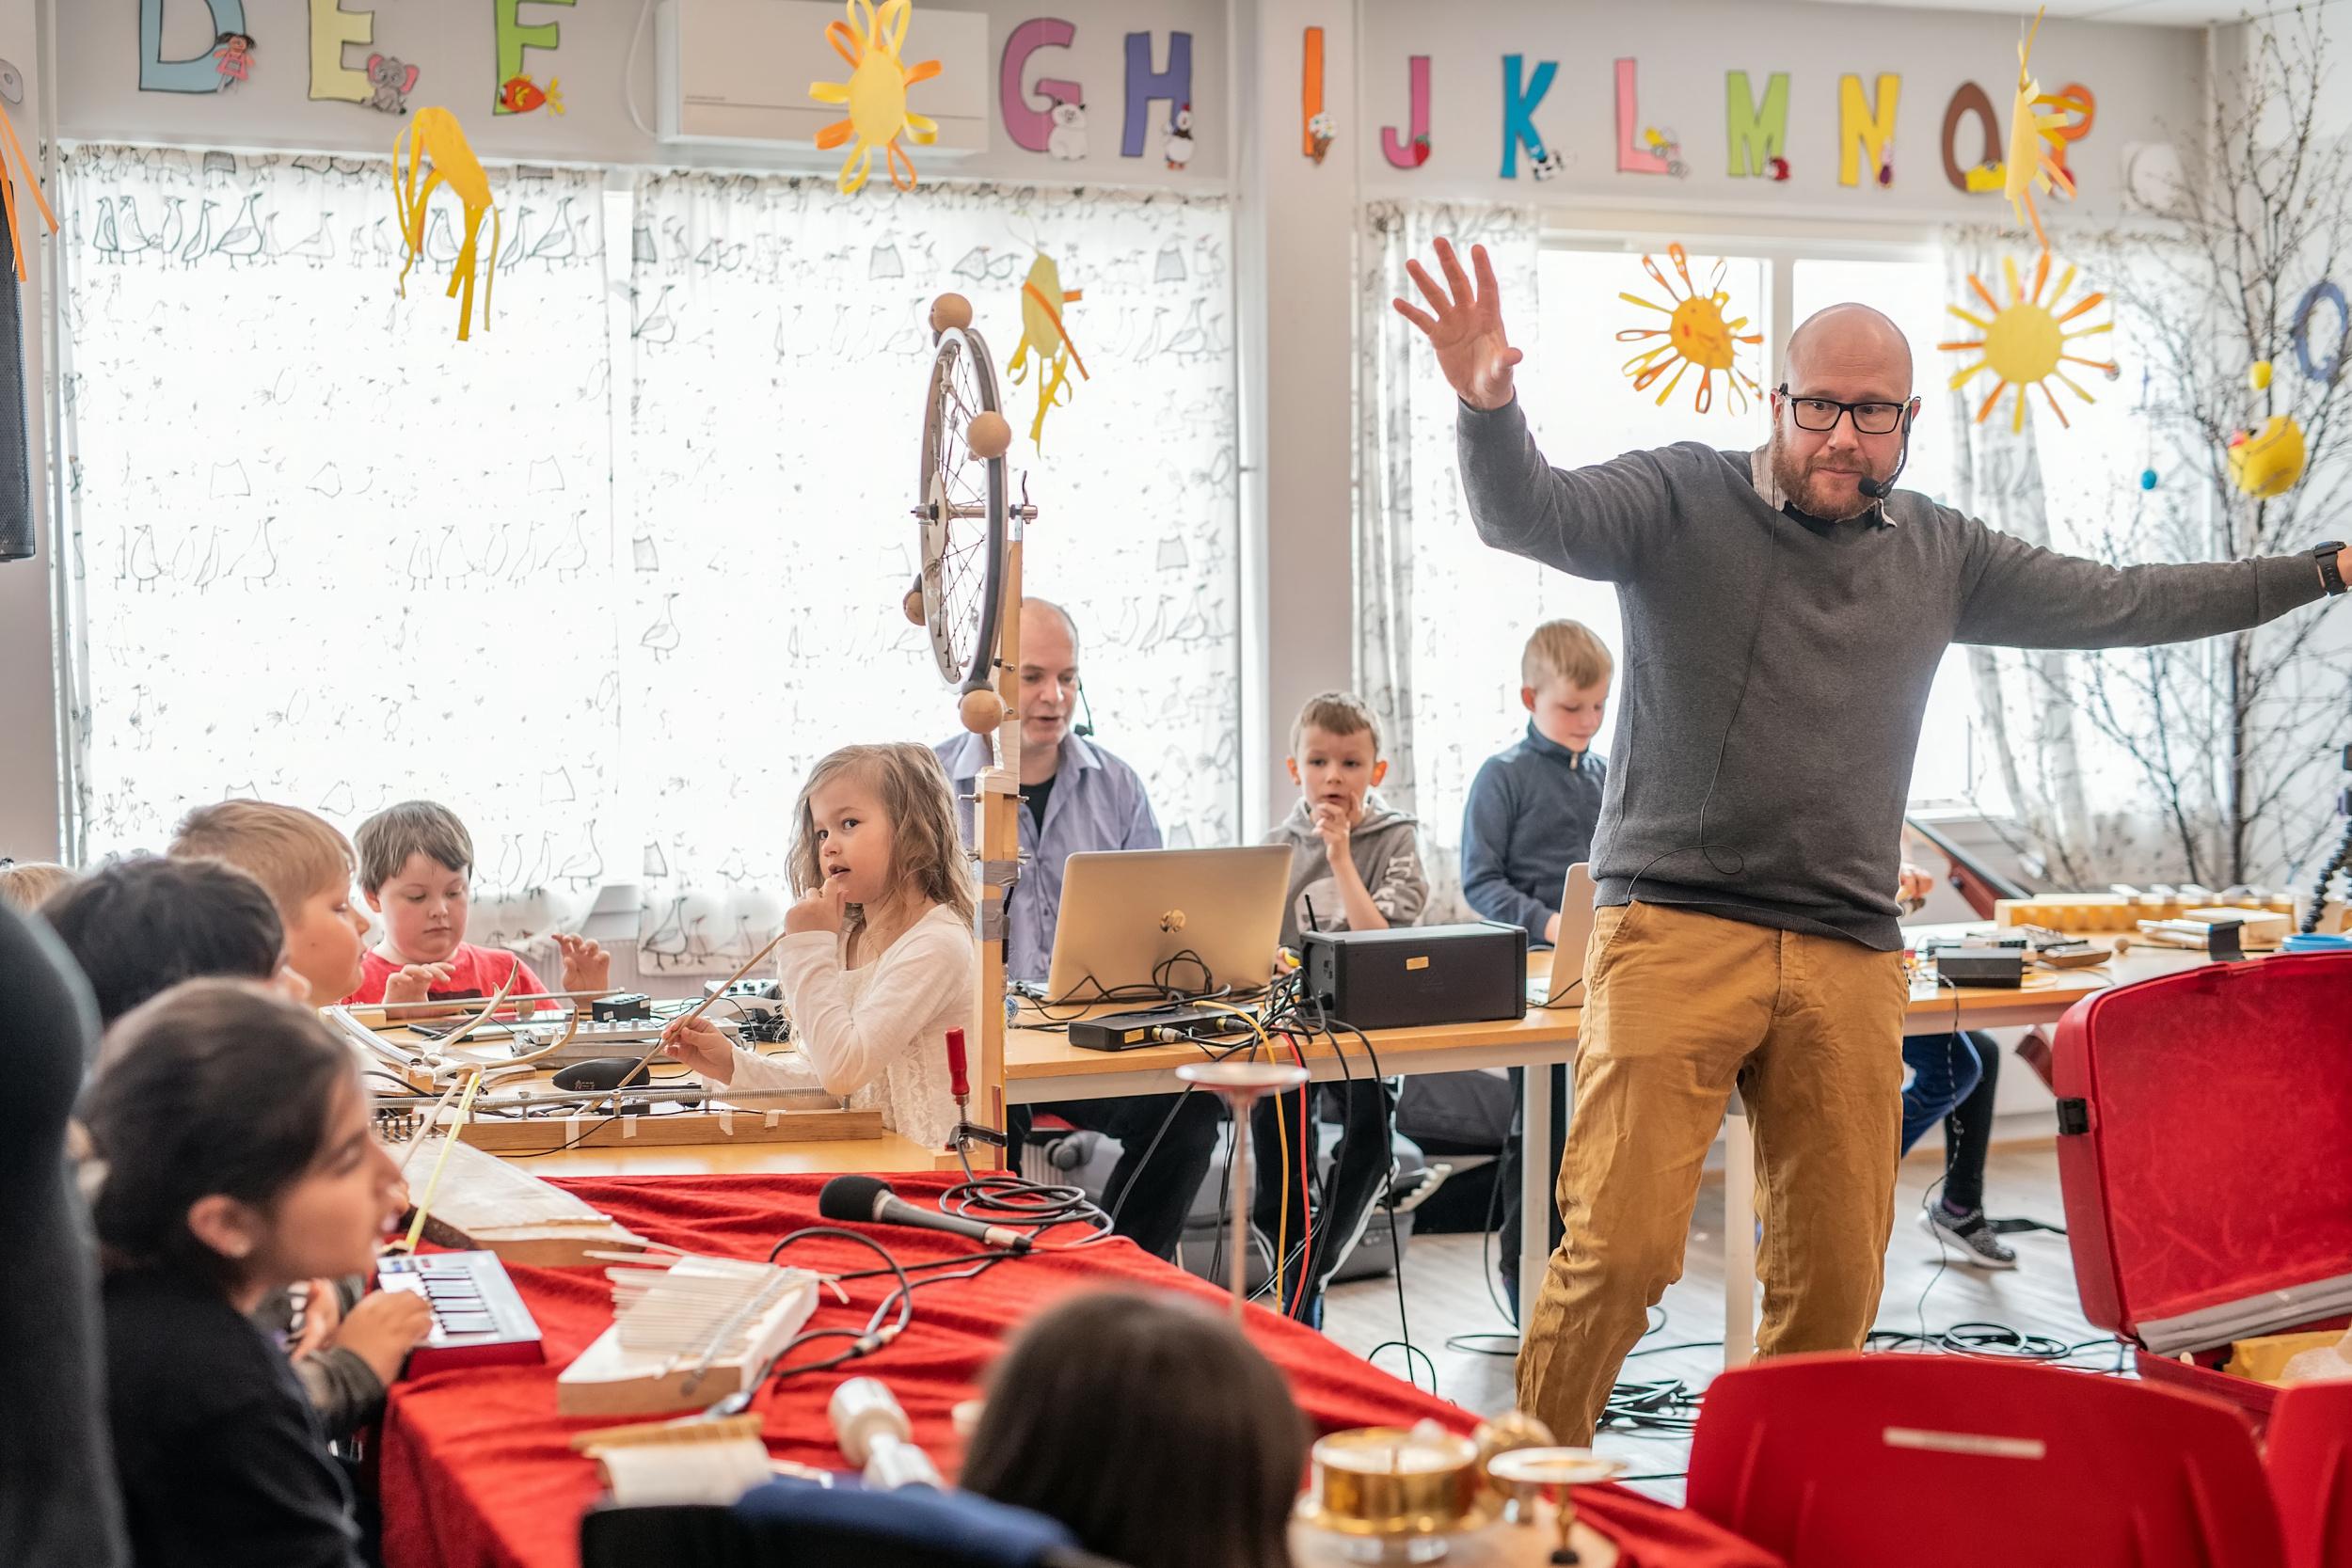 Skrangleorkester, sang og piano. Isak Anderssen, for anledningen dirigent i klasserommet hvor de lager komposisjonene.